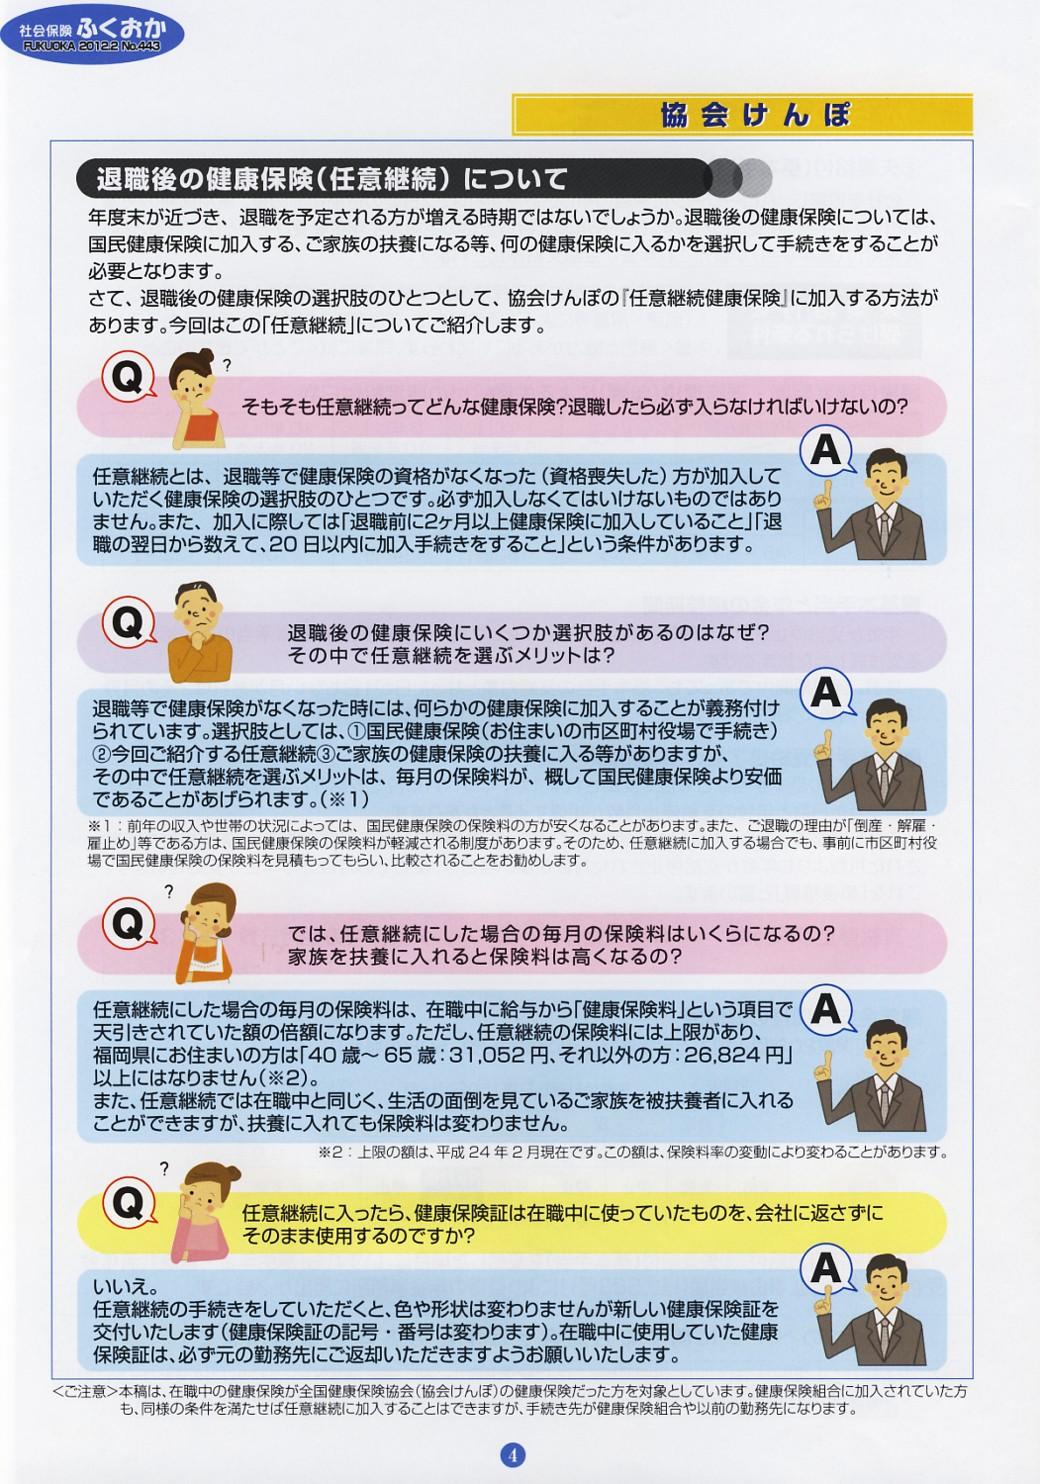 社会保険「ふくおか」 2012 2月号_f0120774_11104191.jpg